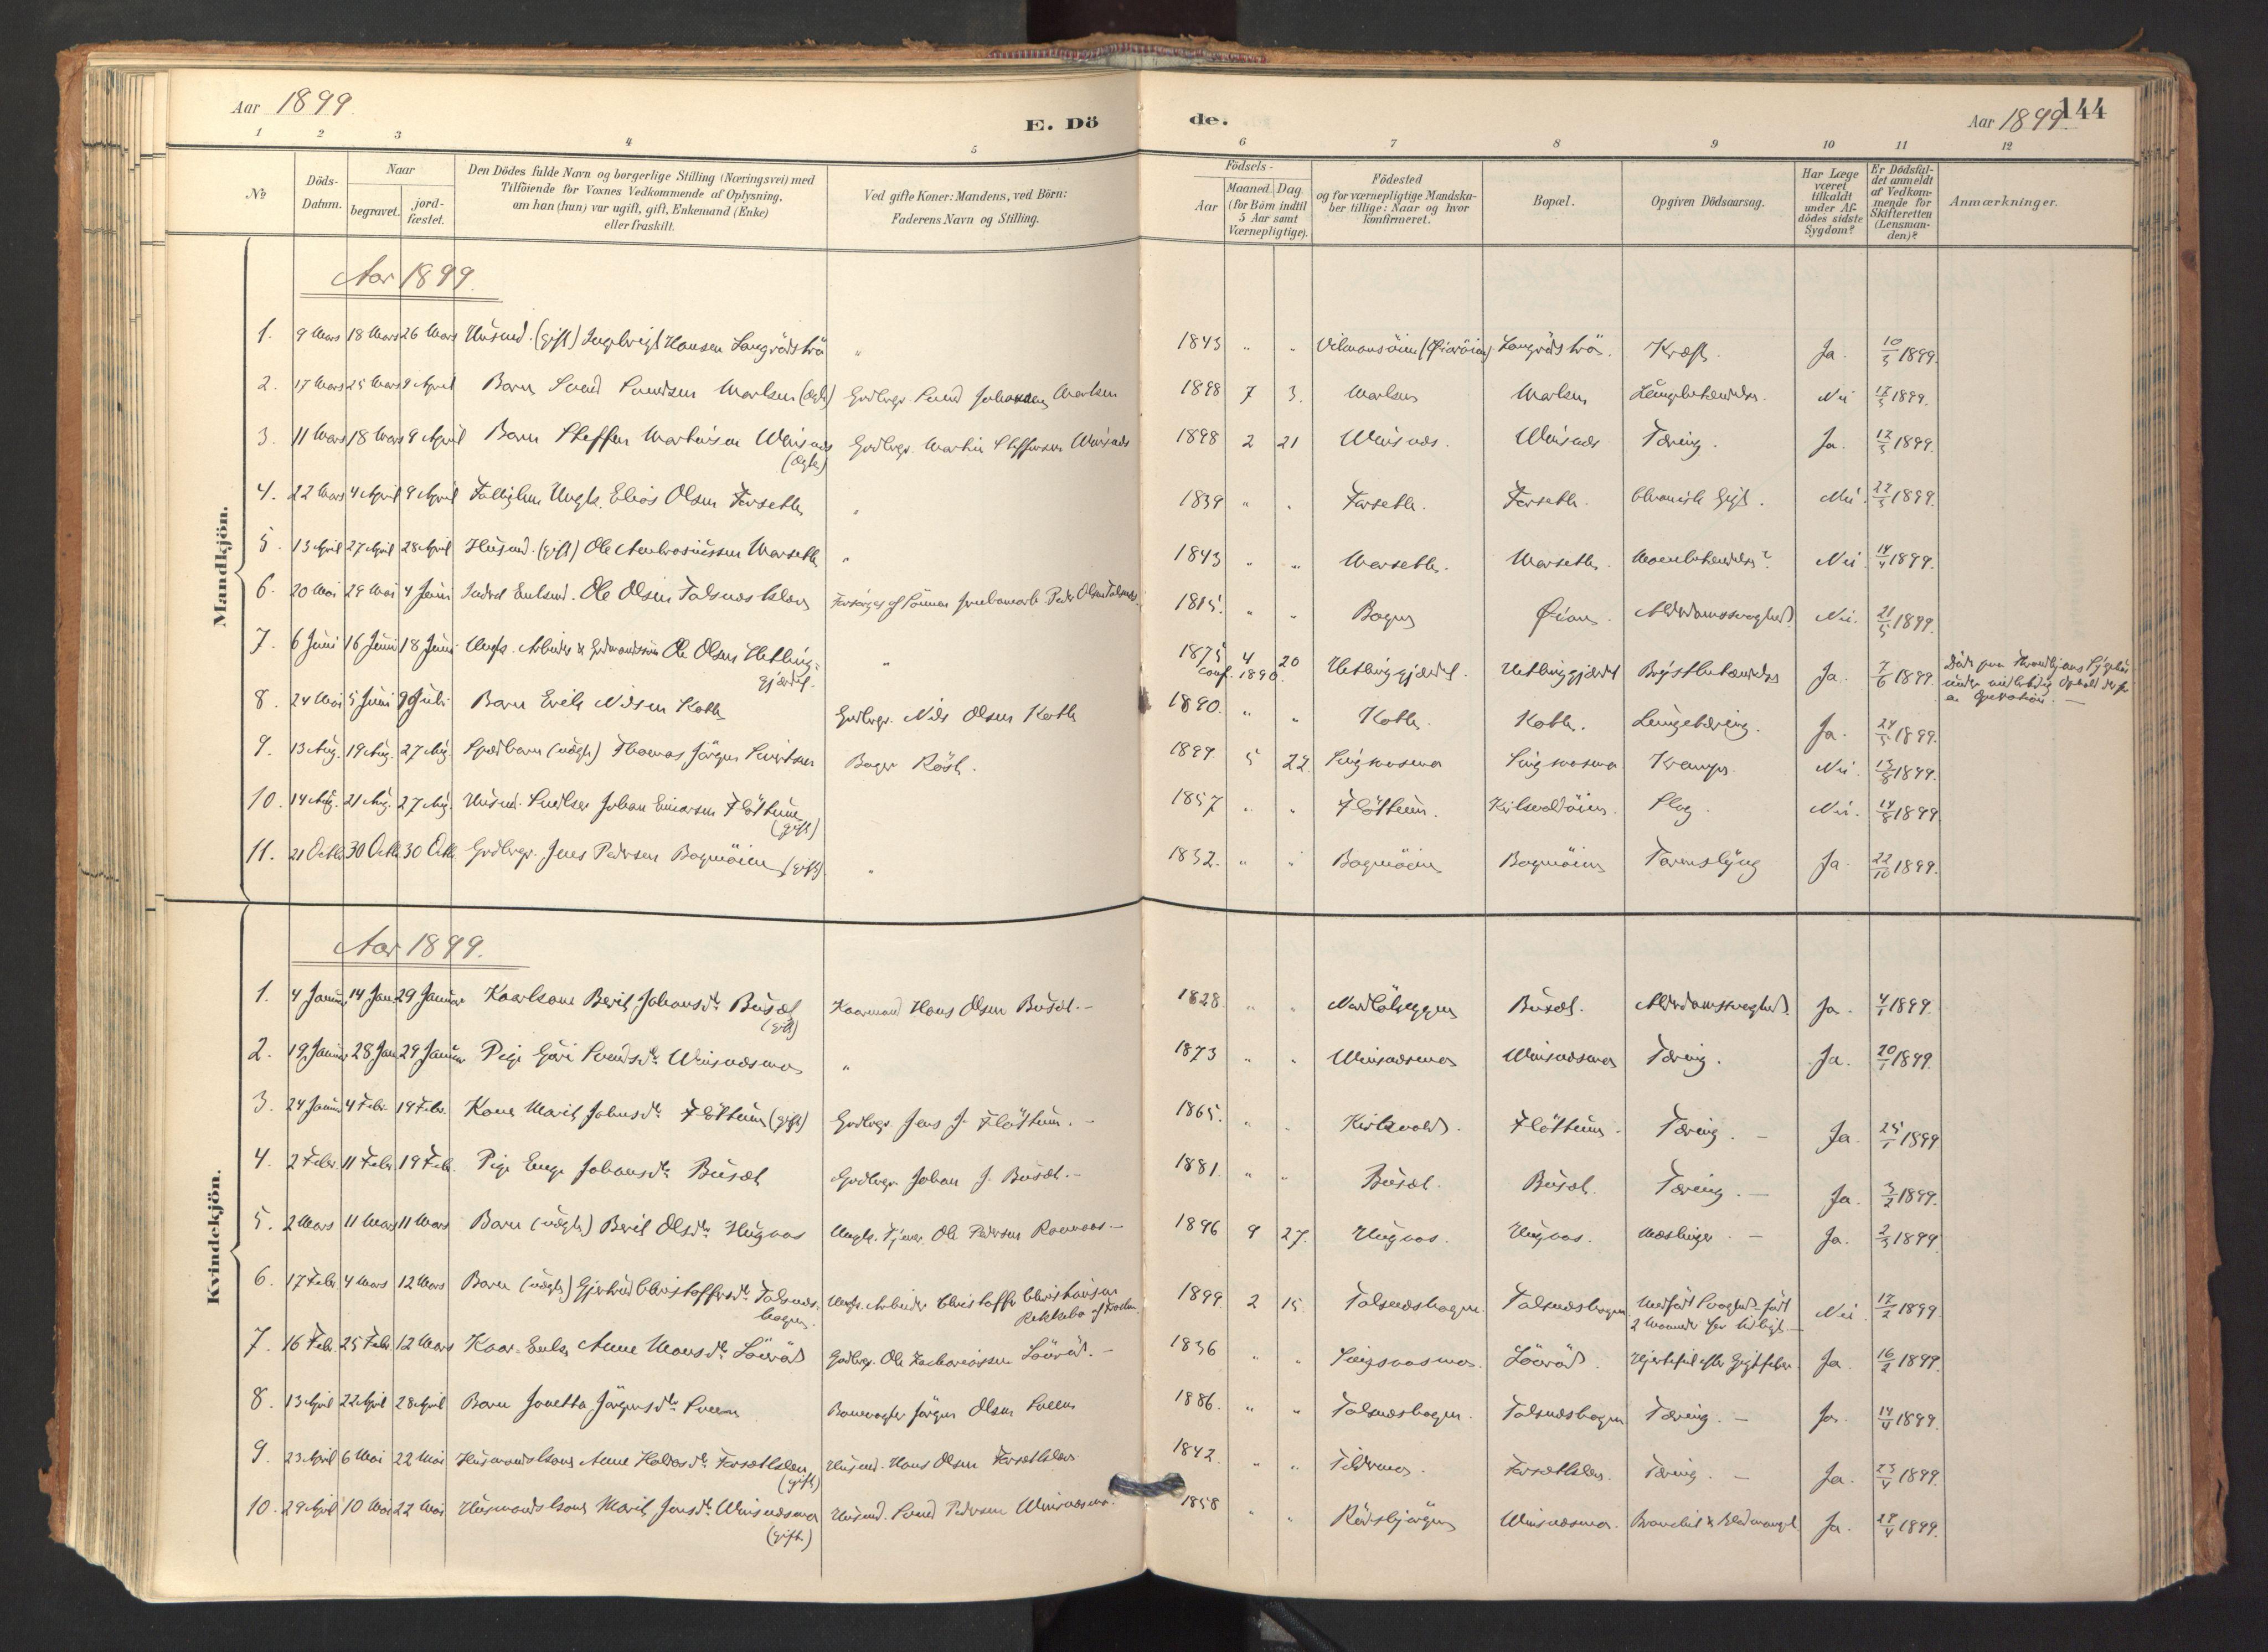 SAT, Ministerialprotokoller, klokkerbøker og fødselsregistre - Sør-Trøndelag, 688/L1025: Ministerialbok nr. 688A02, 1891-1909, s. 144